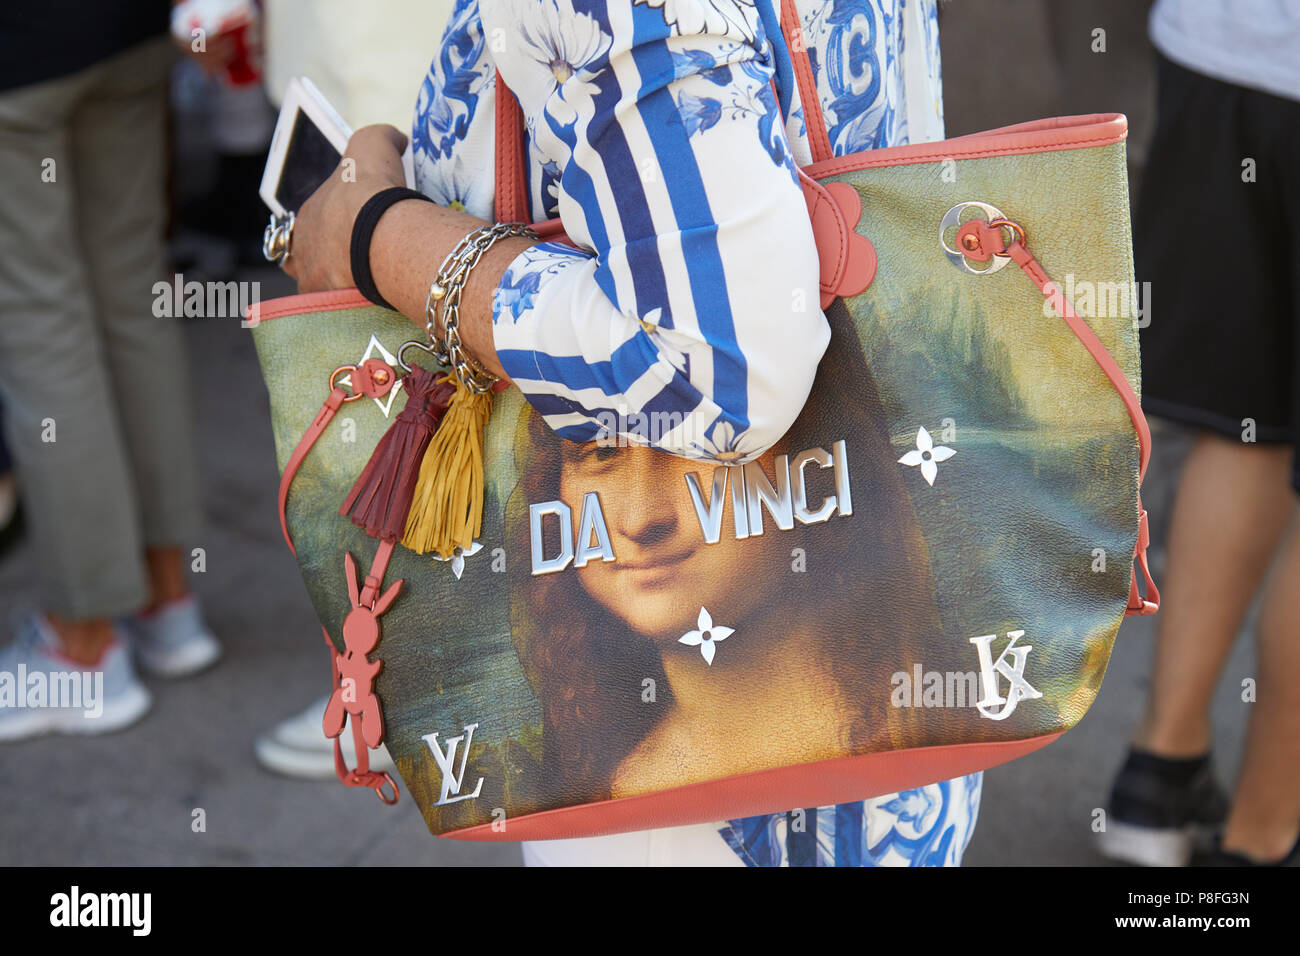 c61f8f2eb57a4 Mailand - Juni 15  Frau mit Da Vinci Louis Vuitton Tasche mit Mona Lisa vor